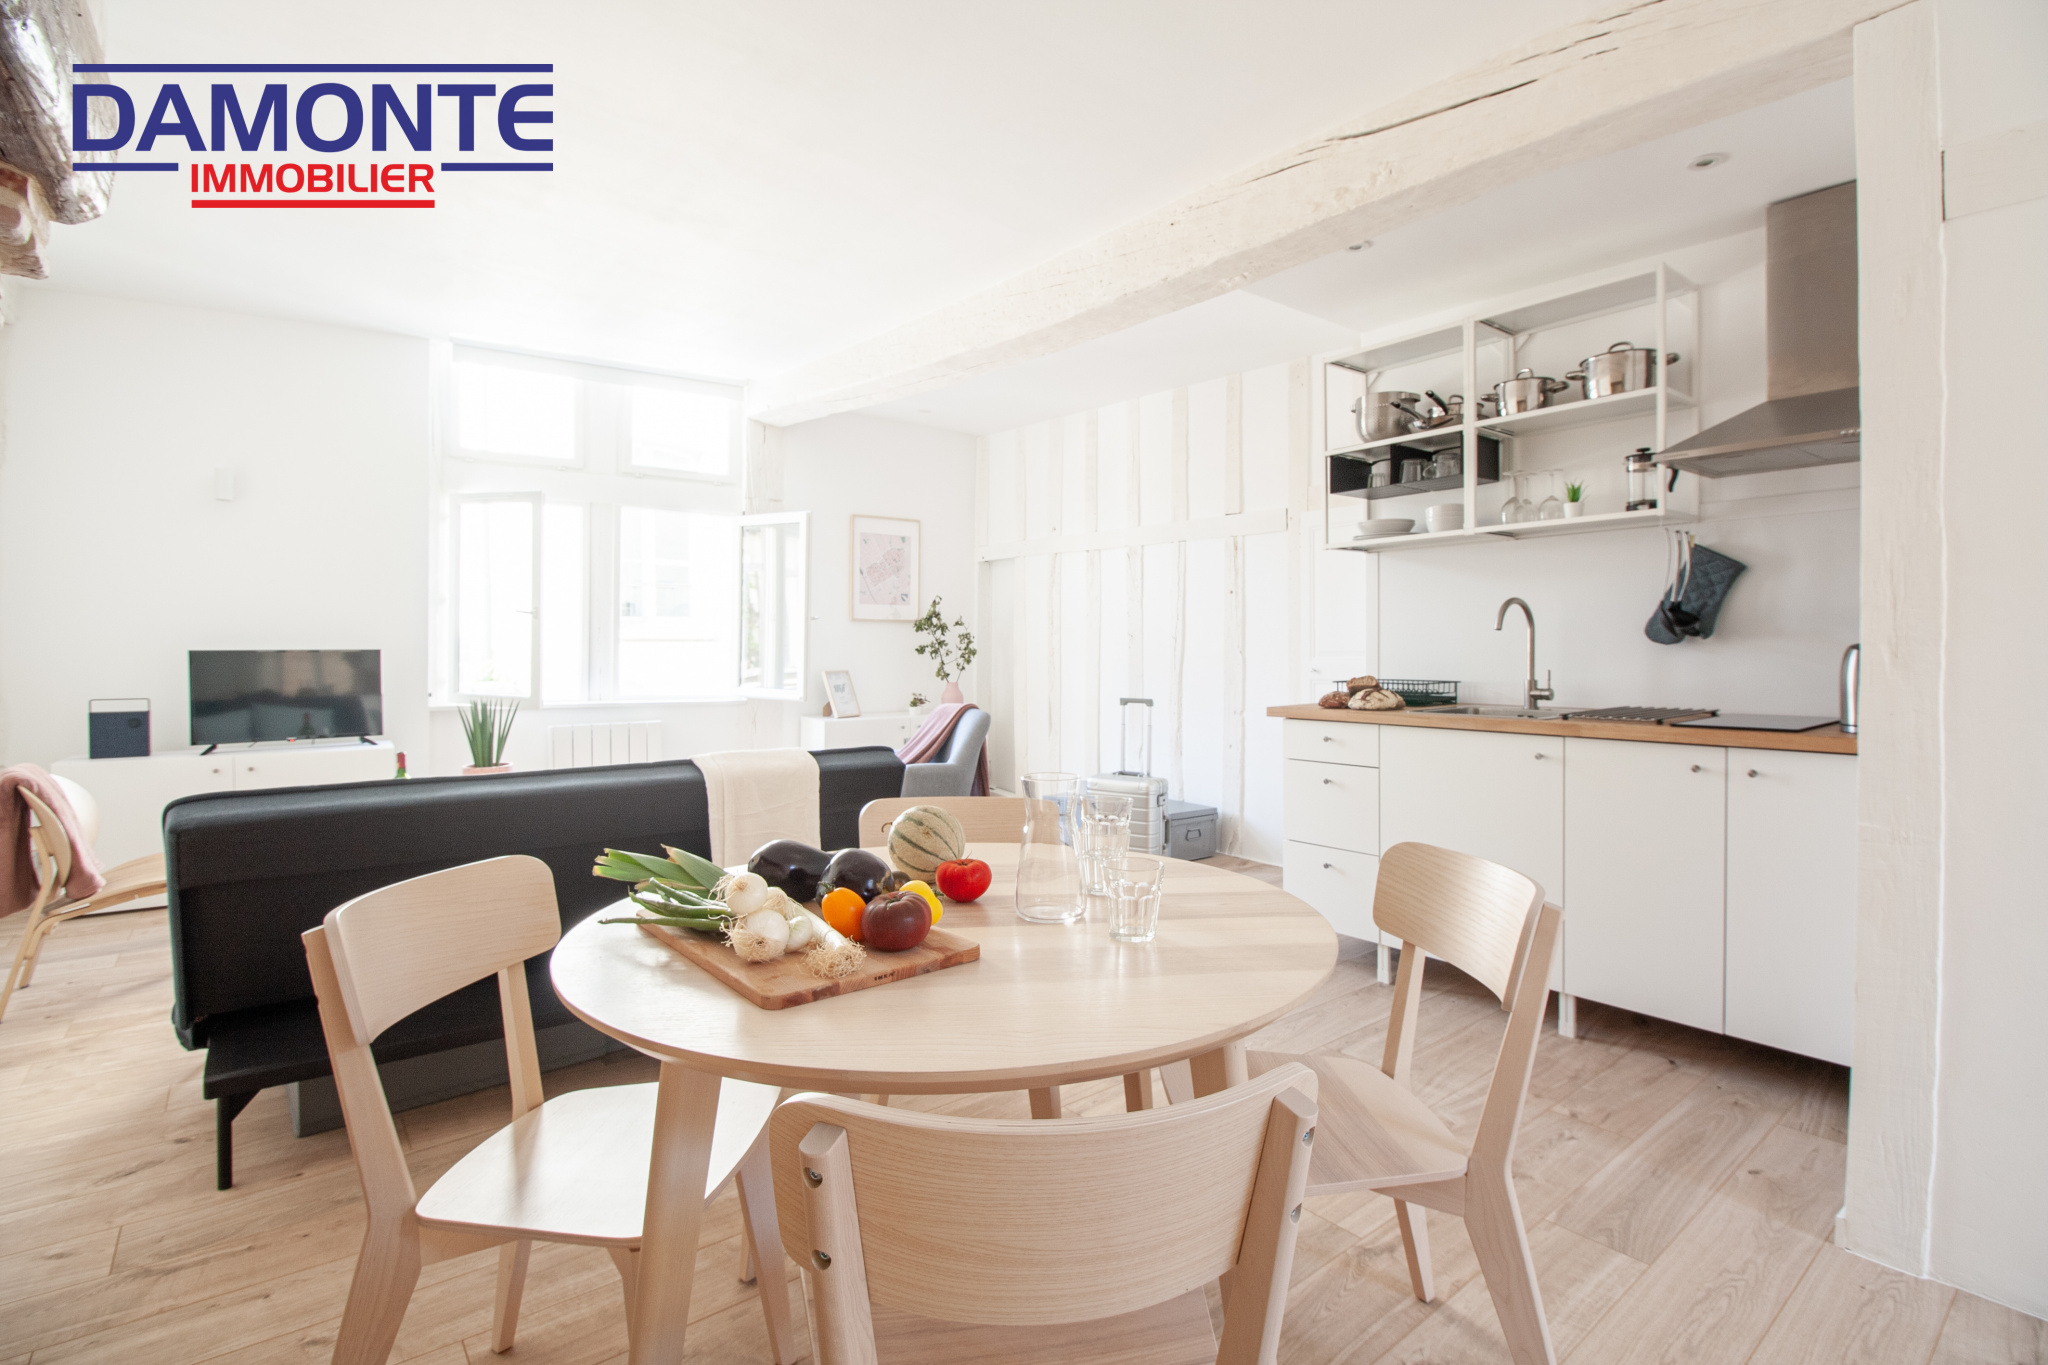 Damonte Achat appartement - Réf n° 1_19250